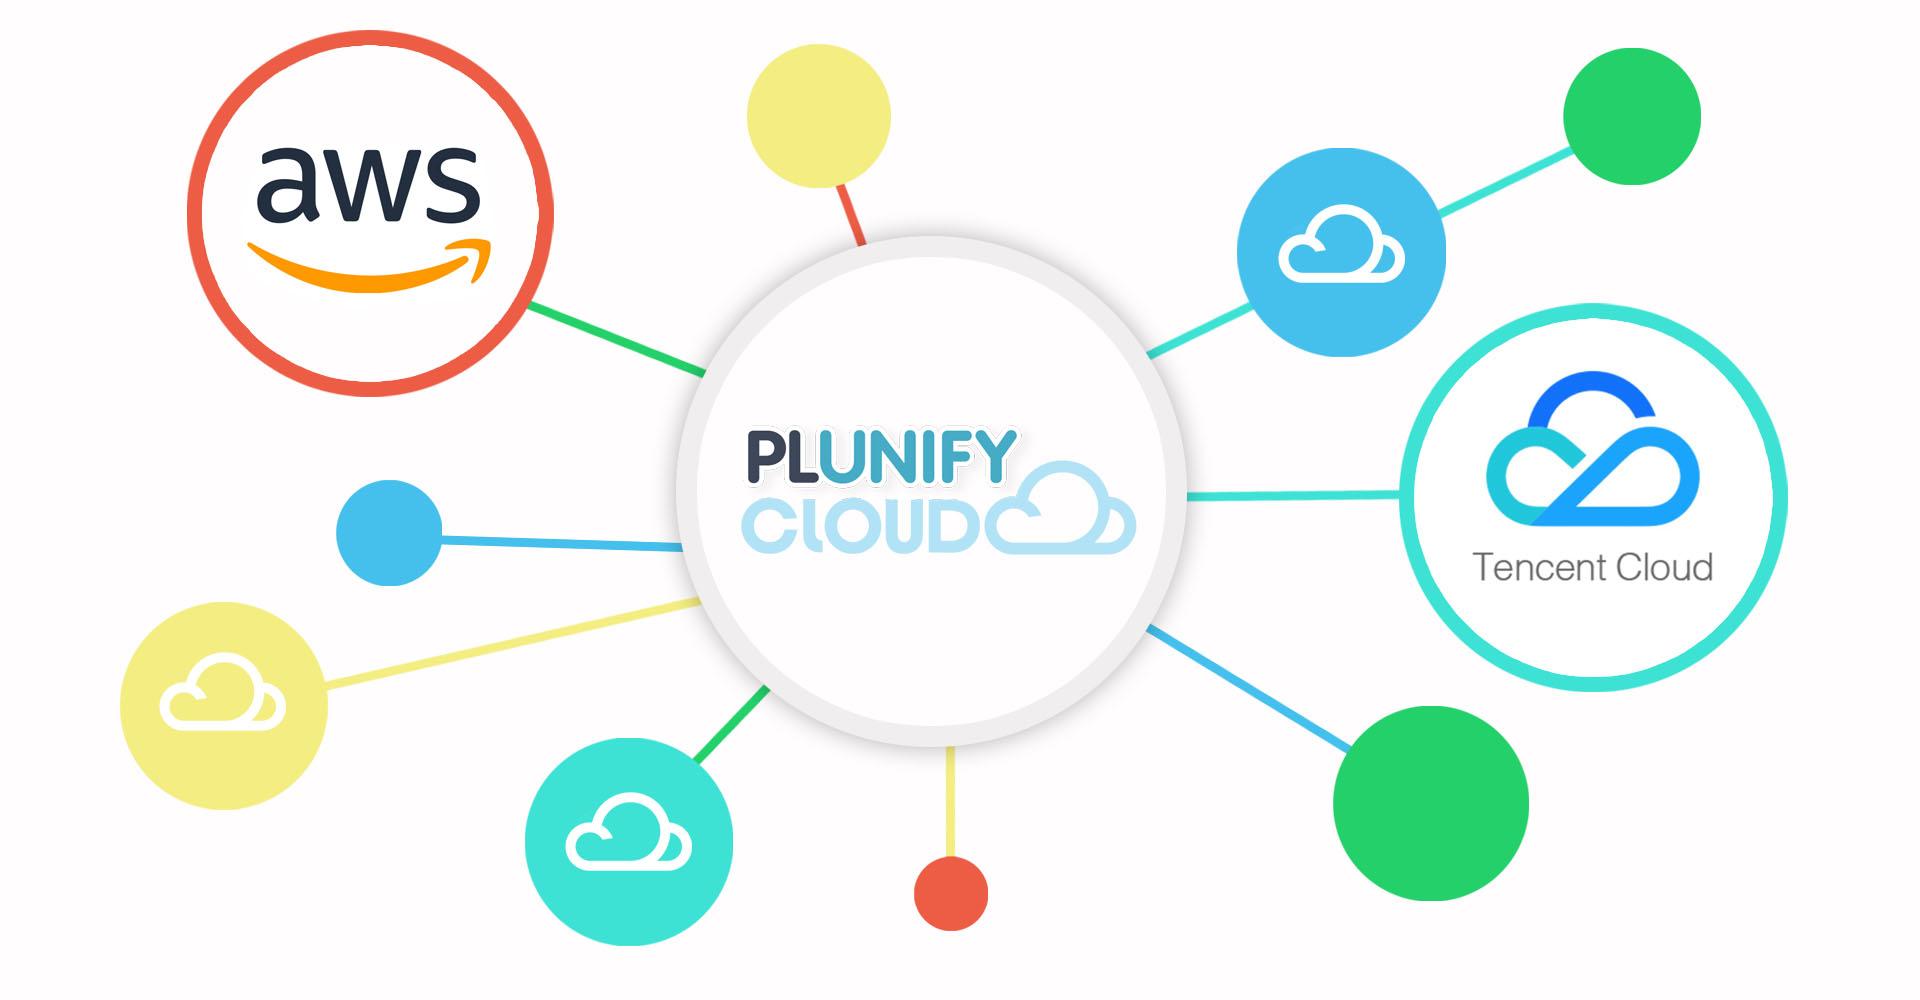 Plunify Cloud_Multiple Cloud Platform